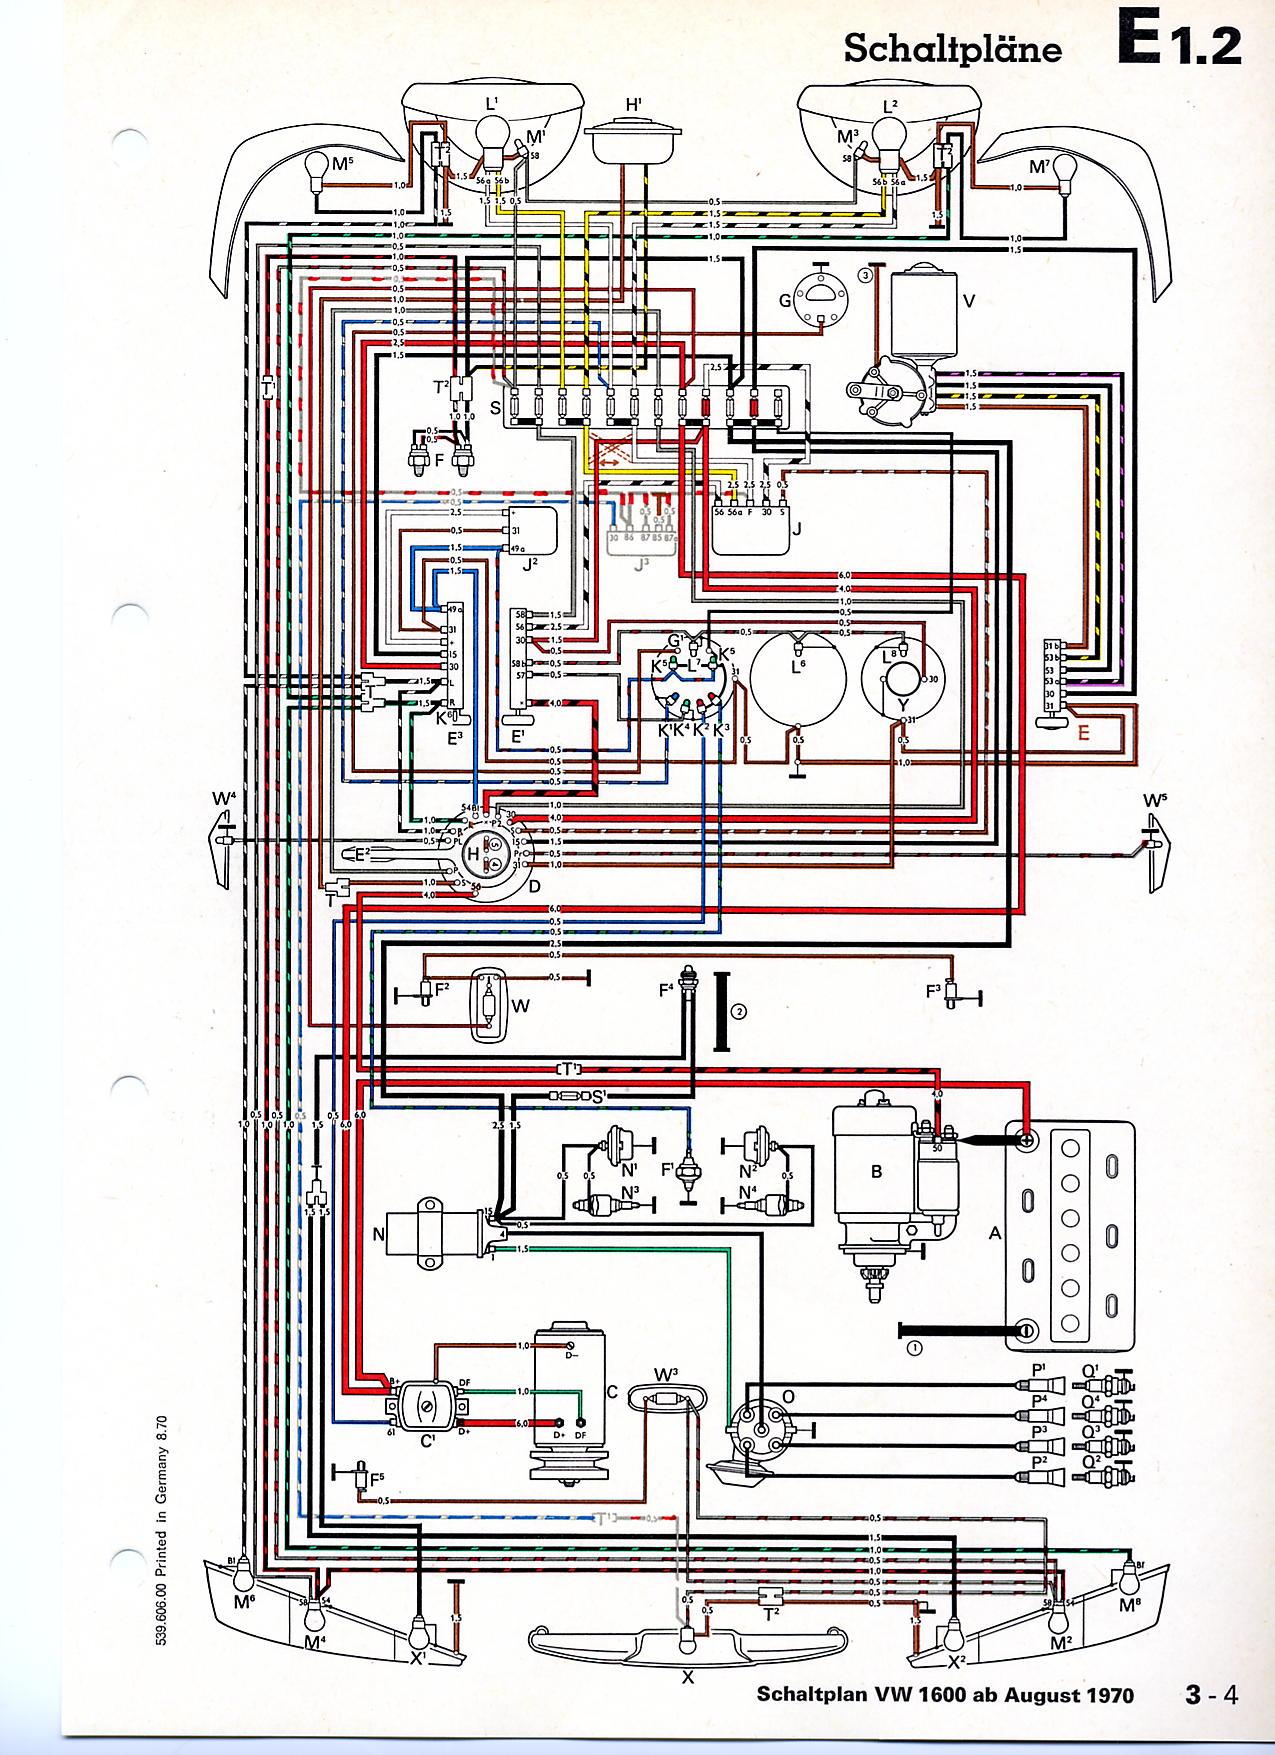 Ausgezeichnet 2002 Vw Käfer Schaltplan Ideen - Elektrische ...